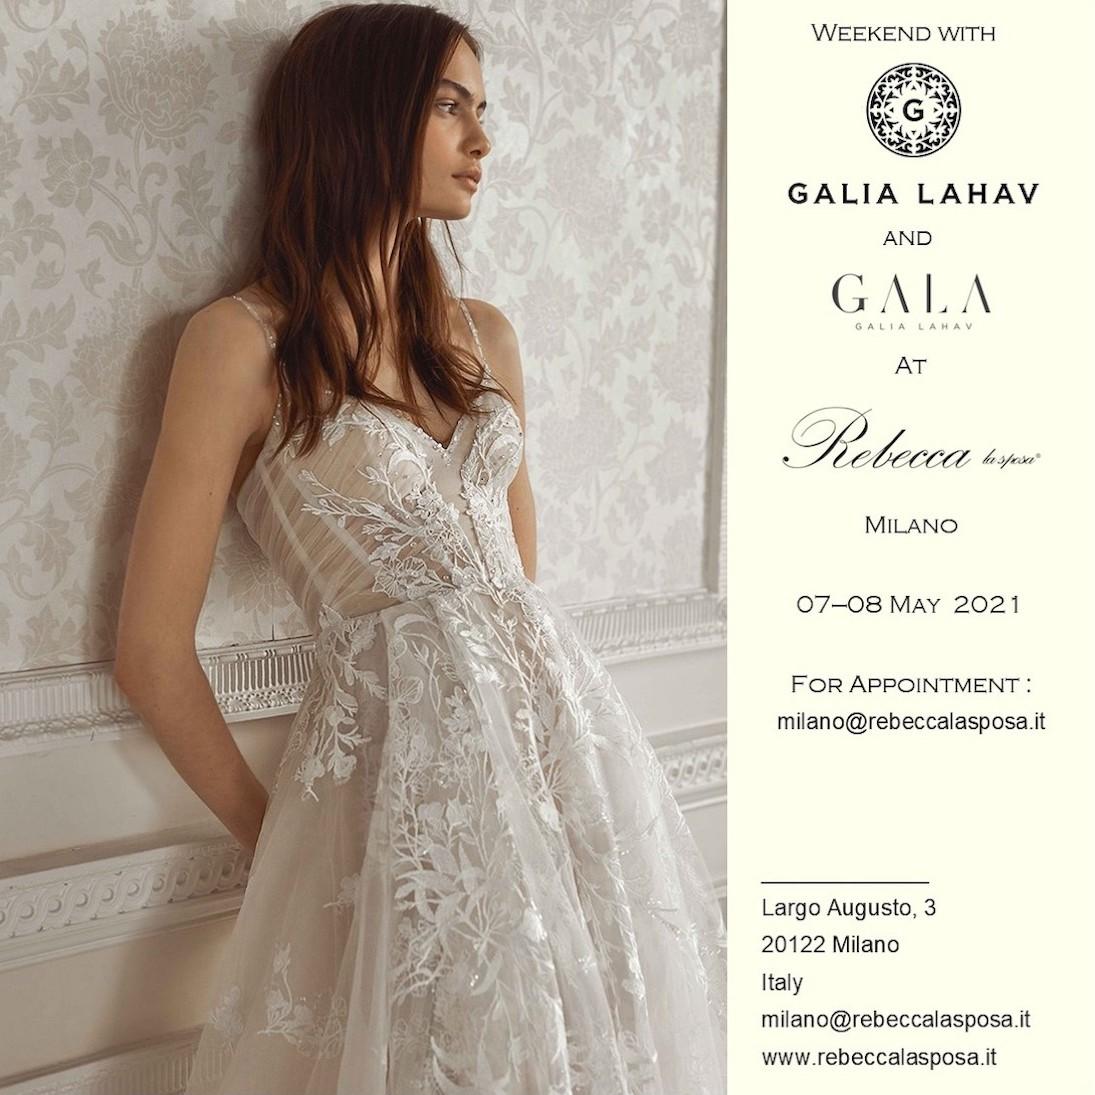 Rebecca La Sposa - Galia Lahav